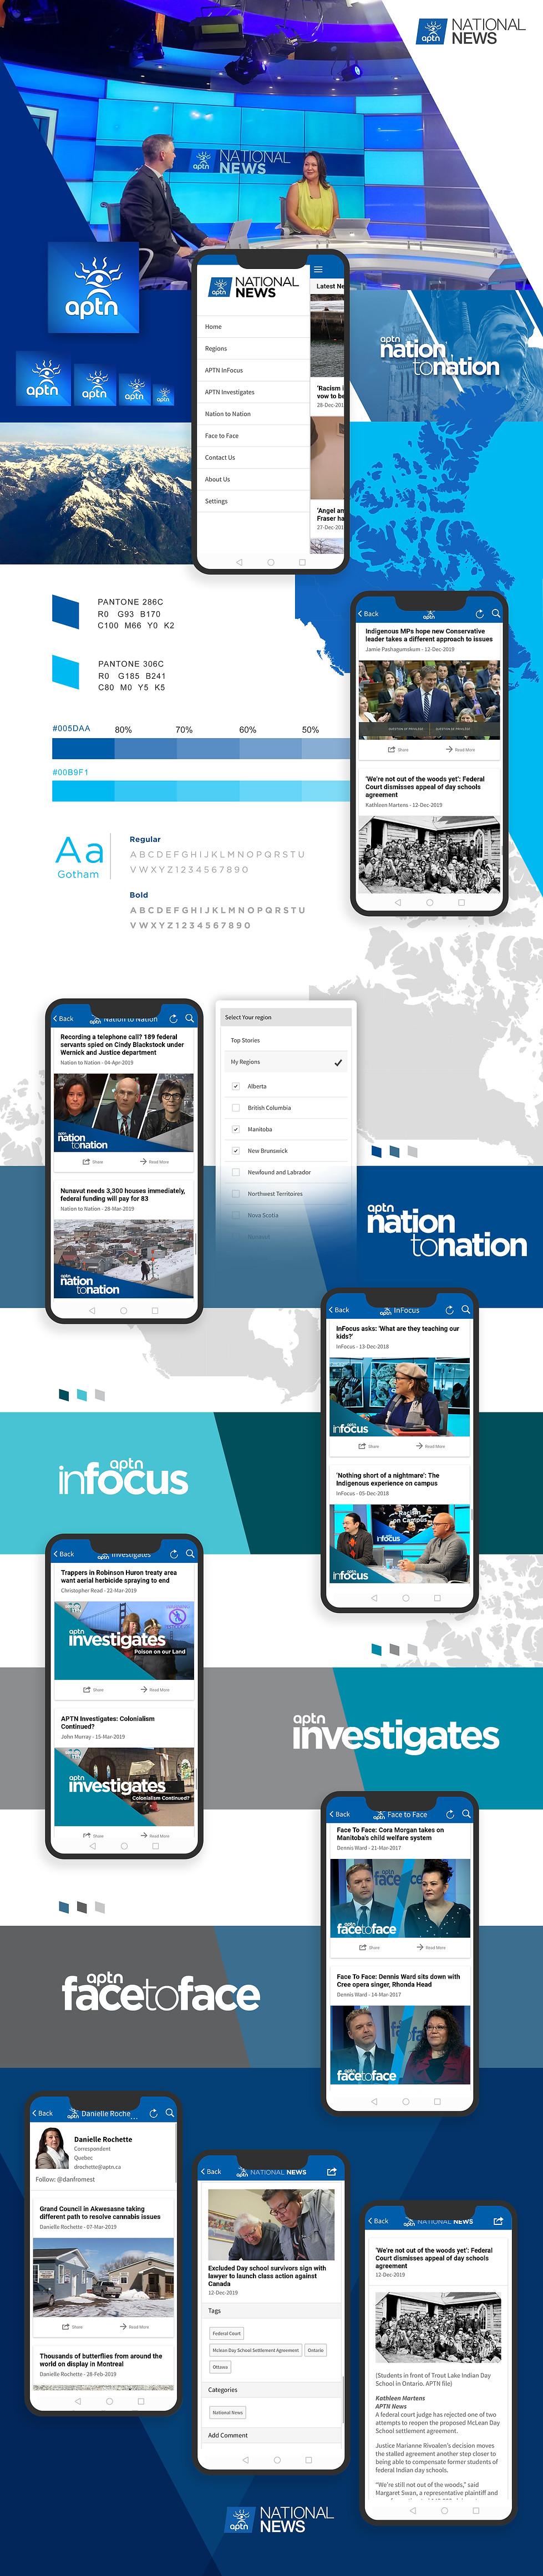 Blendic_Portfolio_web_app_APTN_News_v00_